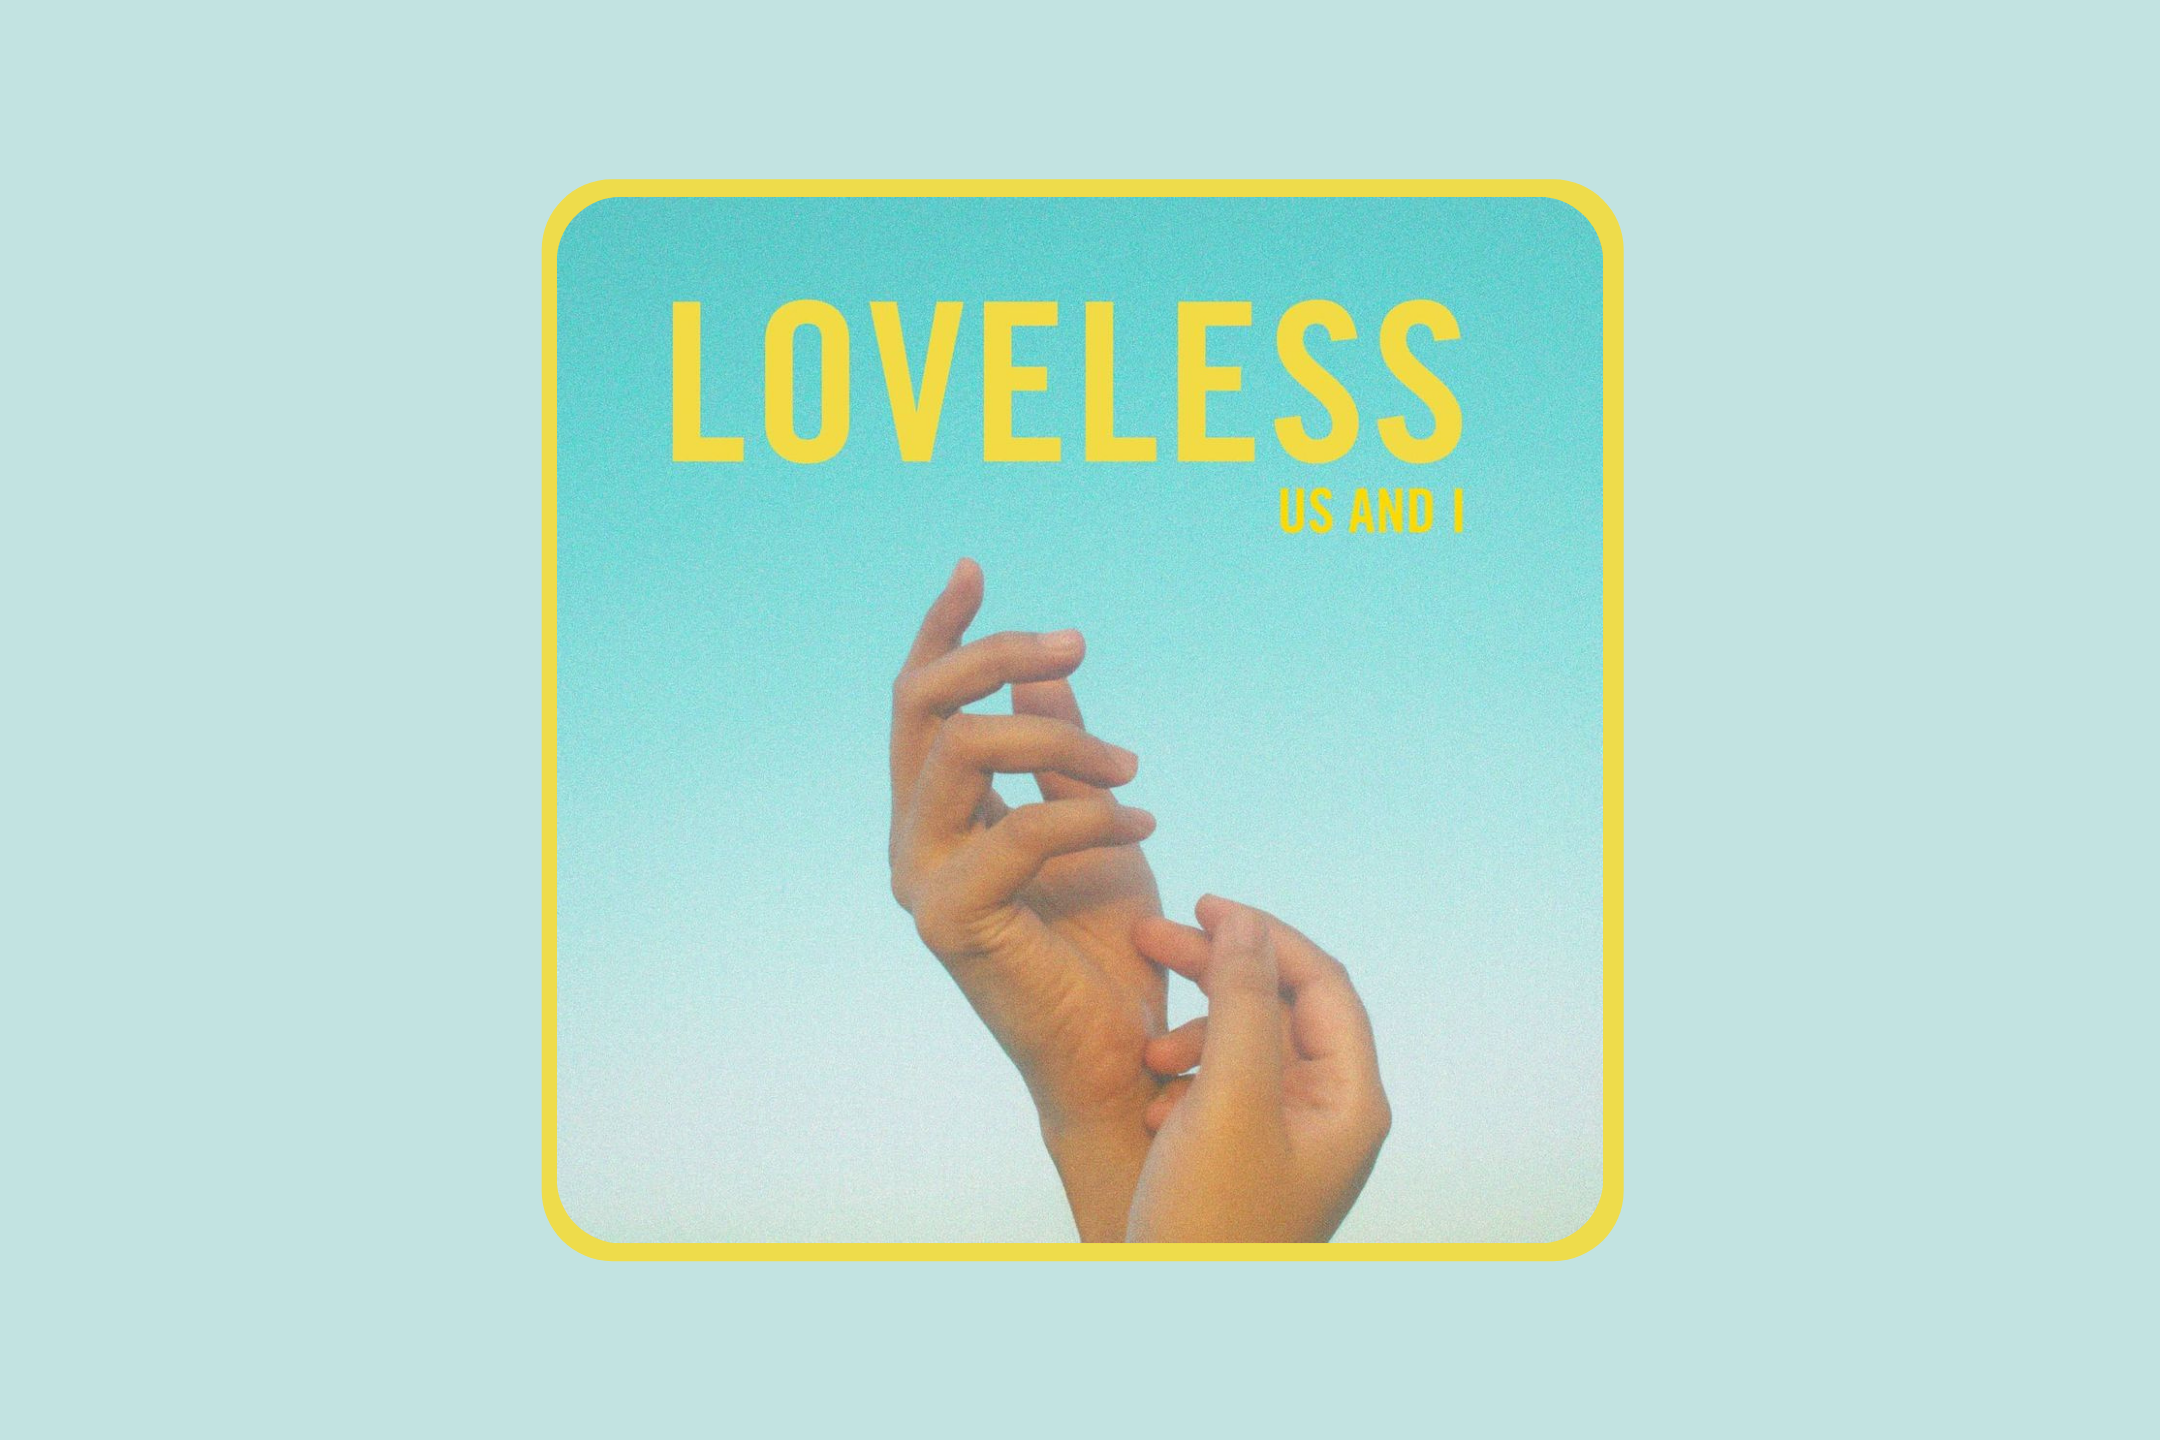 Loveless - Us and I